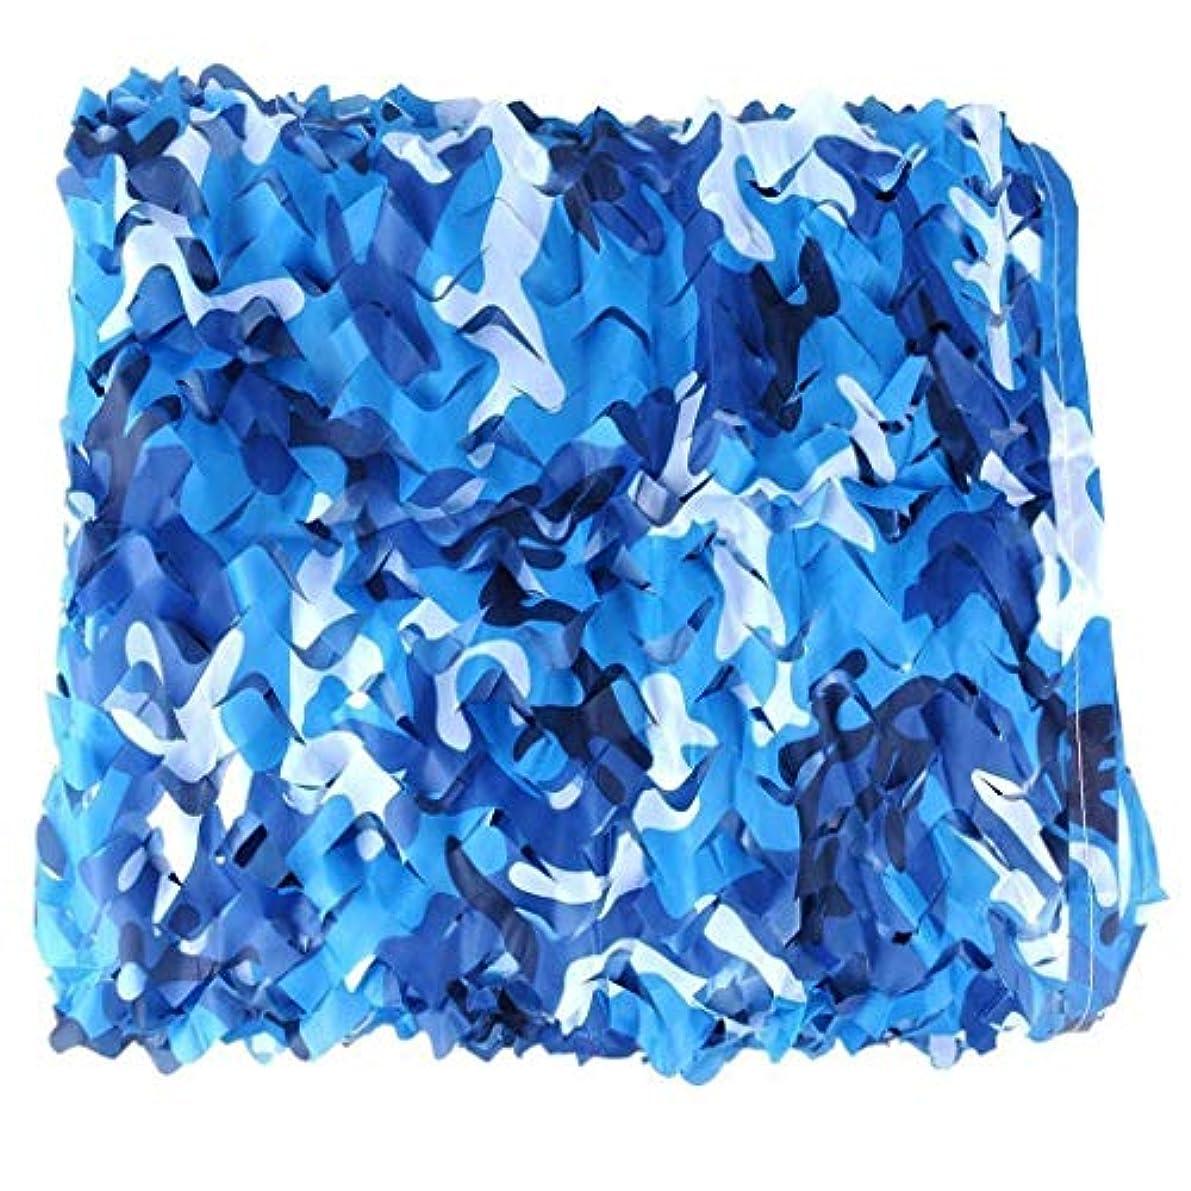 二度俳優人工的なオーシャンモードカモフラージュダブルロープメッシュ織オックスフォード布屋外プールサンバイザー装飾隠されたシェードネットマルチサイズオプション(サイズ:3 * 4m) (サイズ さいず : 5*6m)